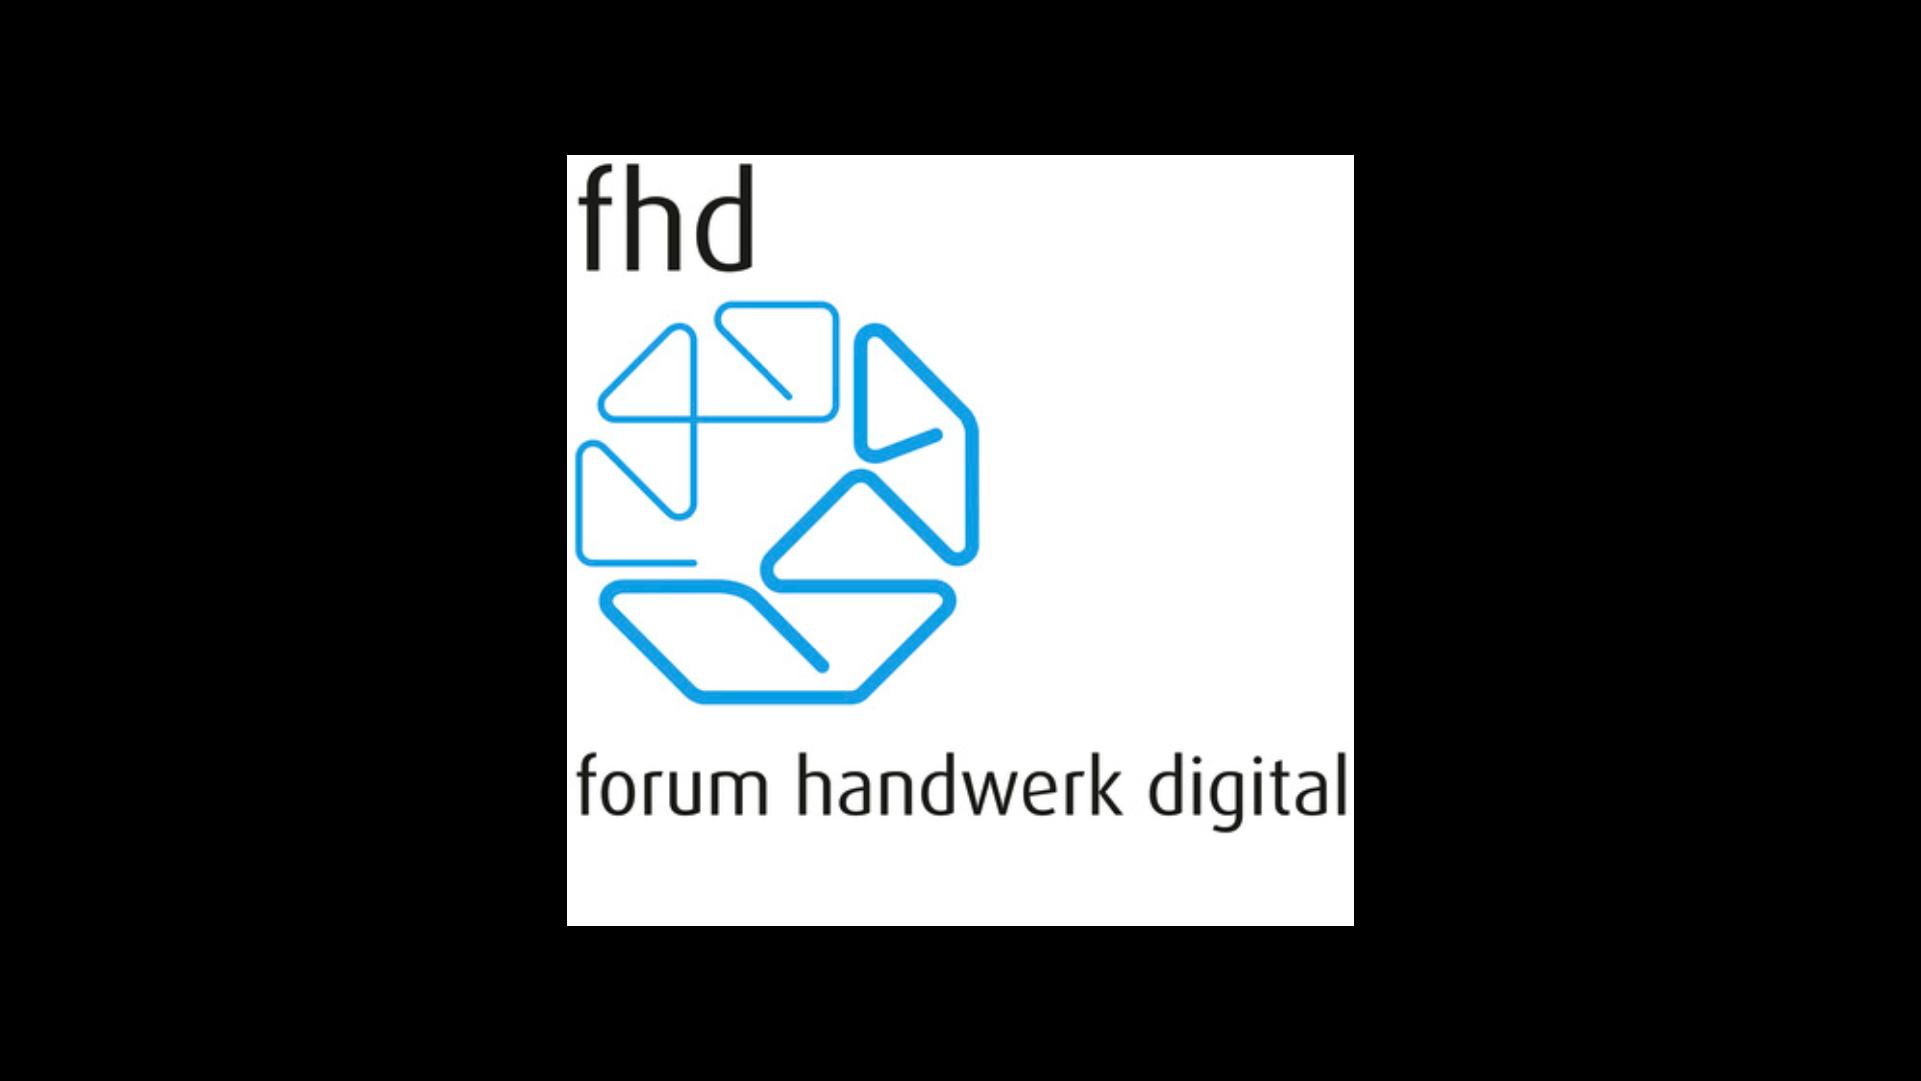 Logo fhd